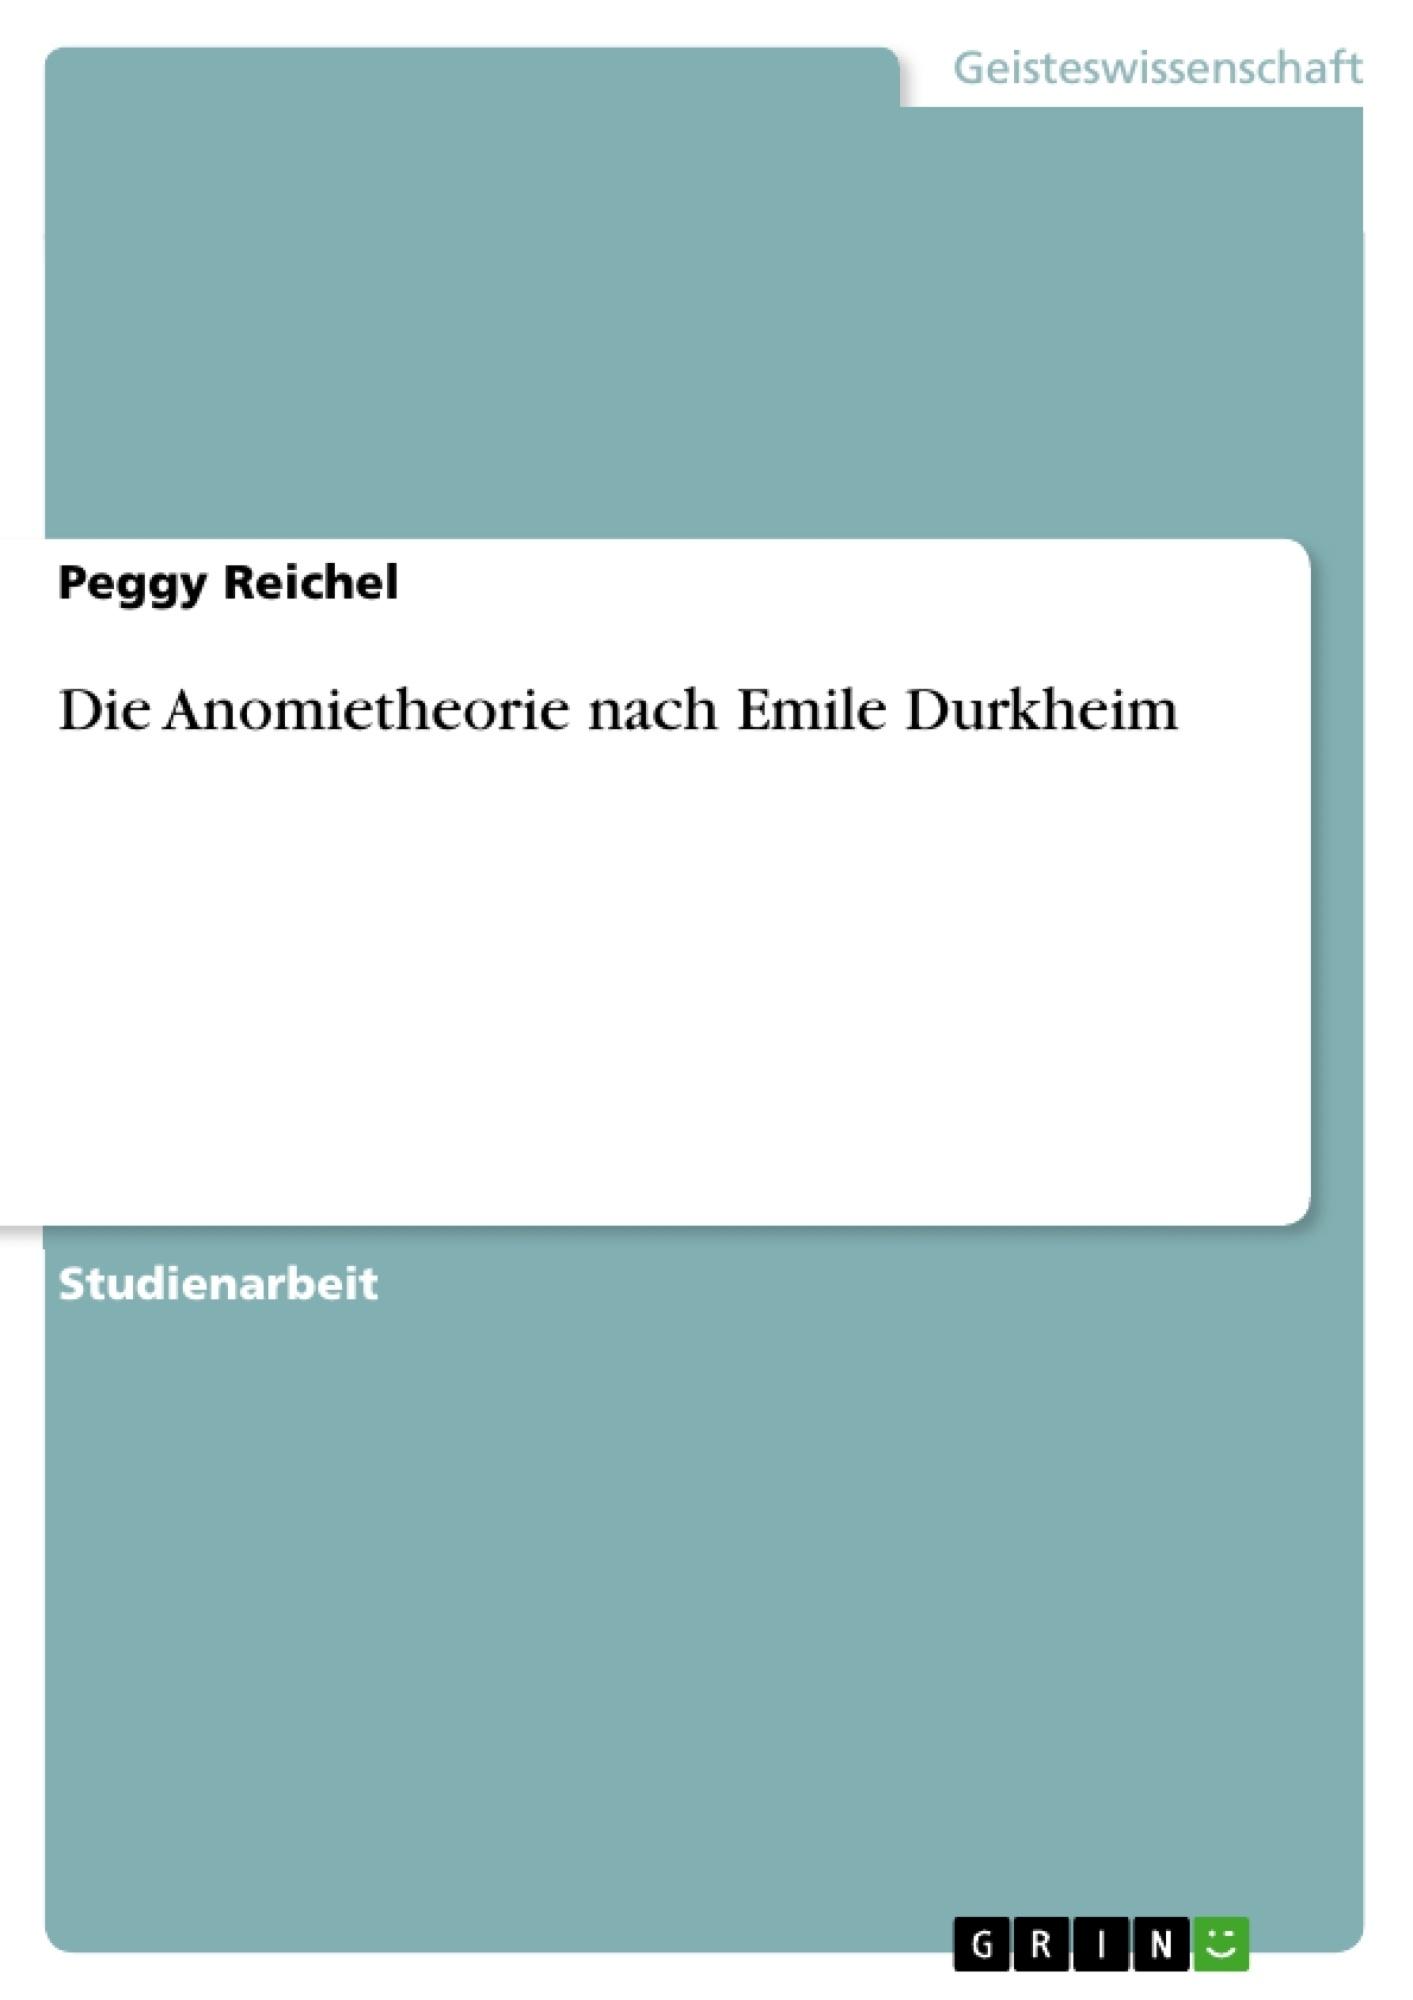 Titel: Die Anomietheorie nach Emile Durkheim